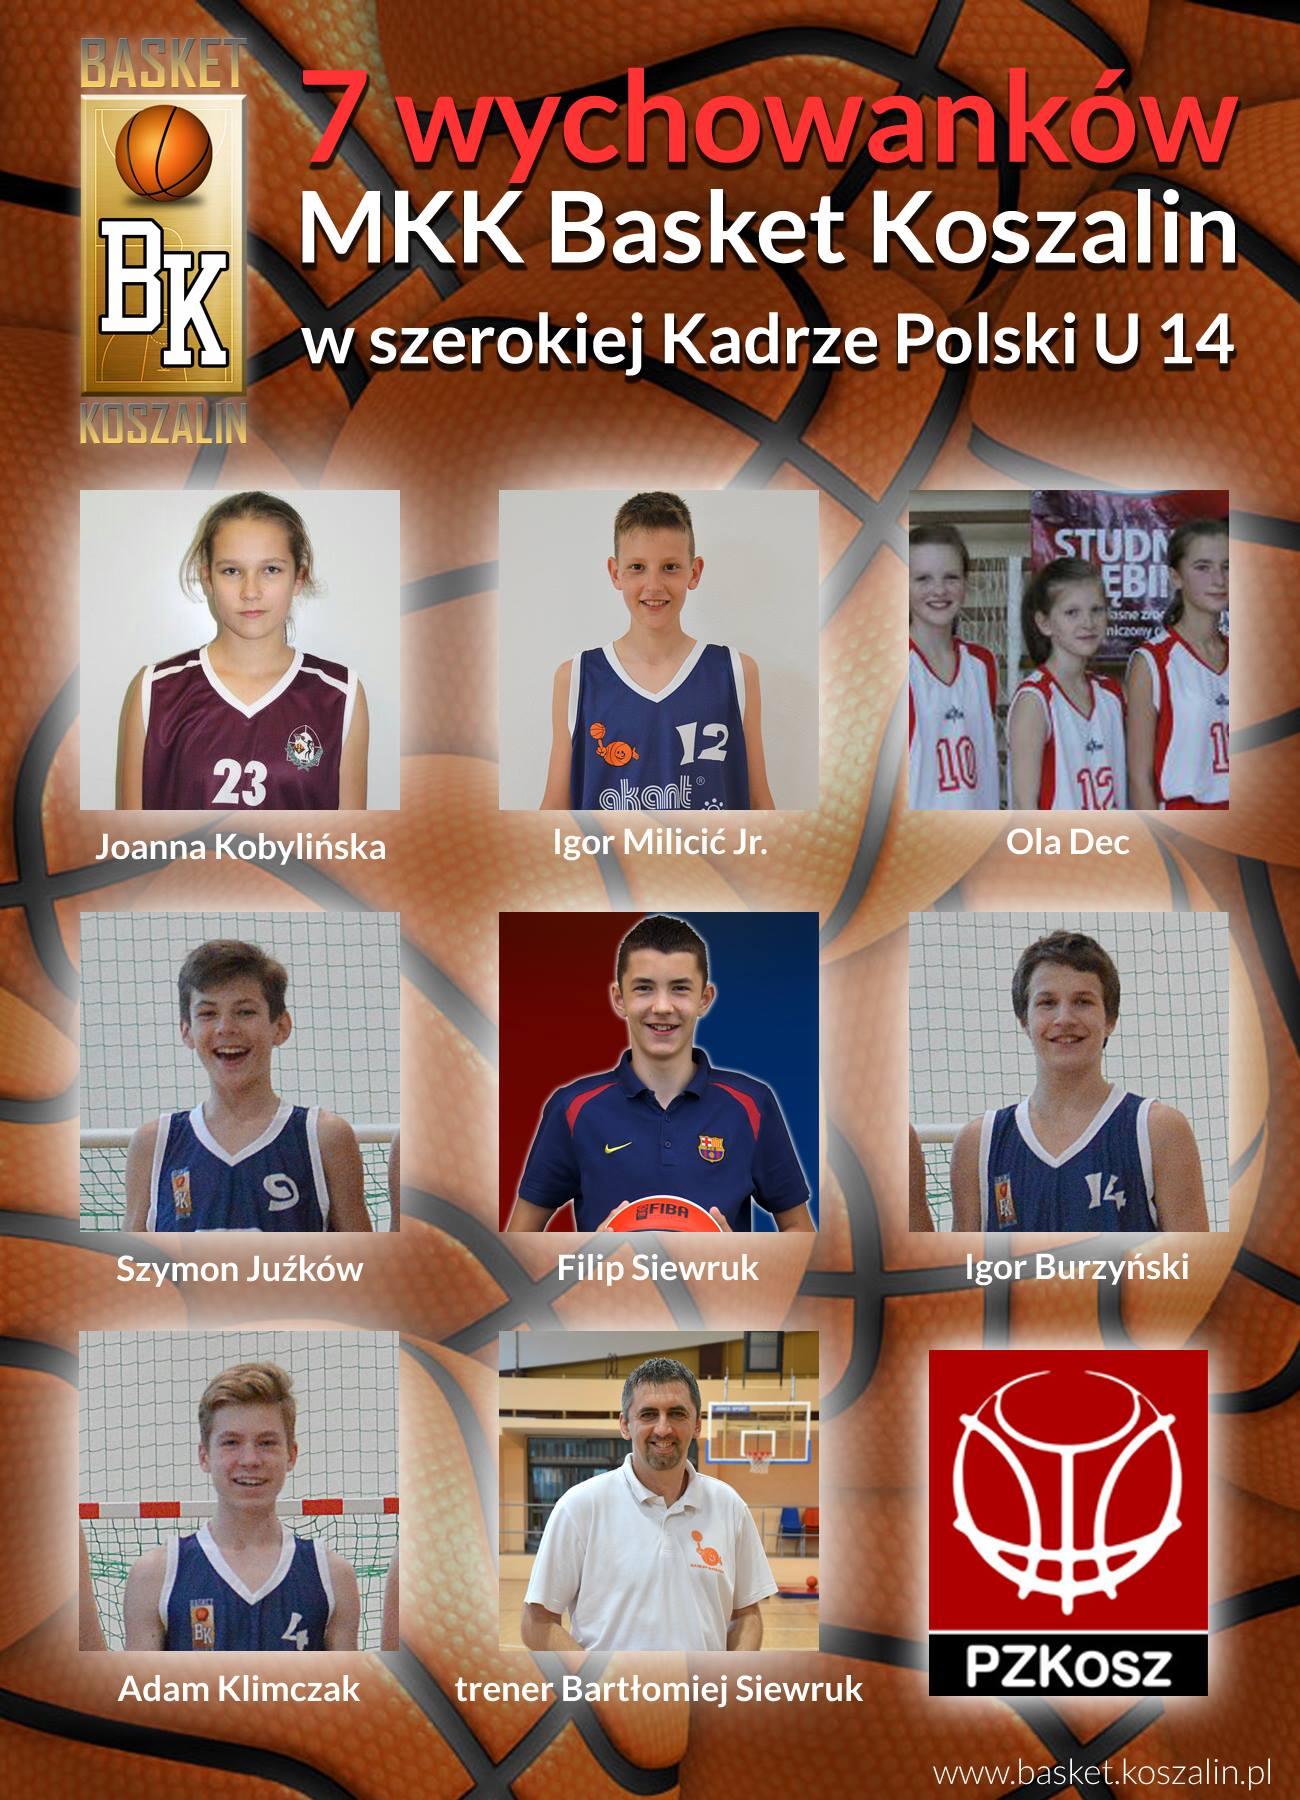 7 wychowanków MKK Basket Koszalin w szerokiej Kadrze Polski U14